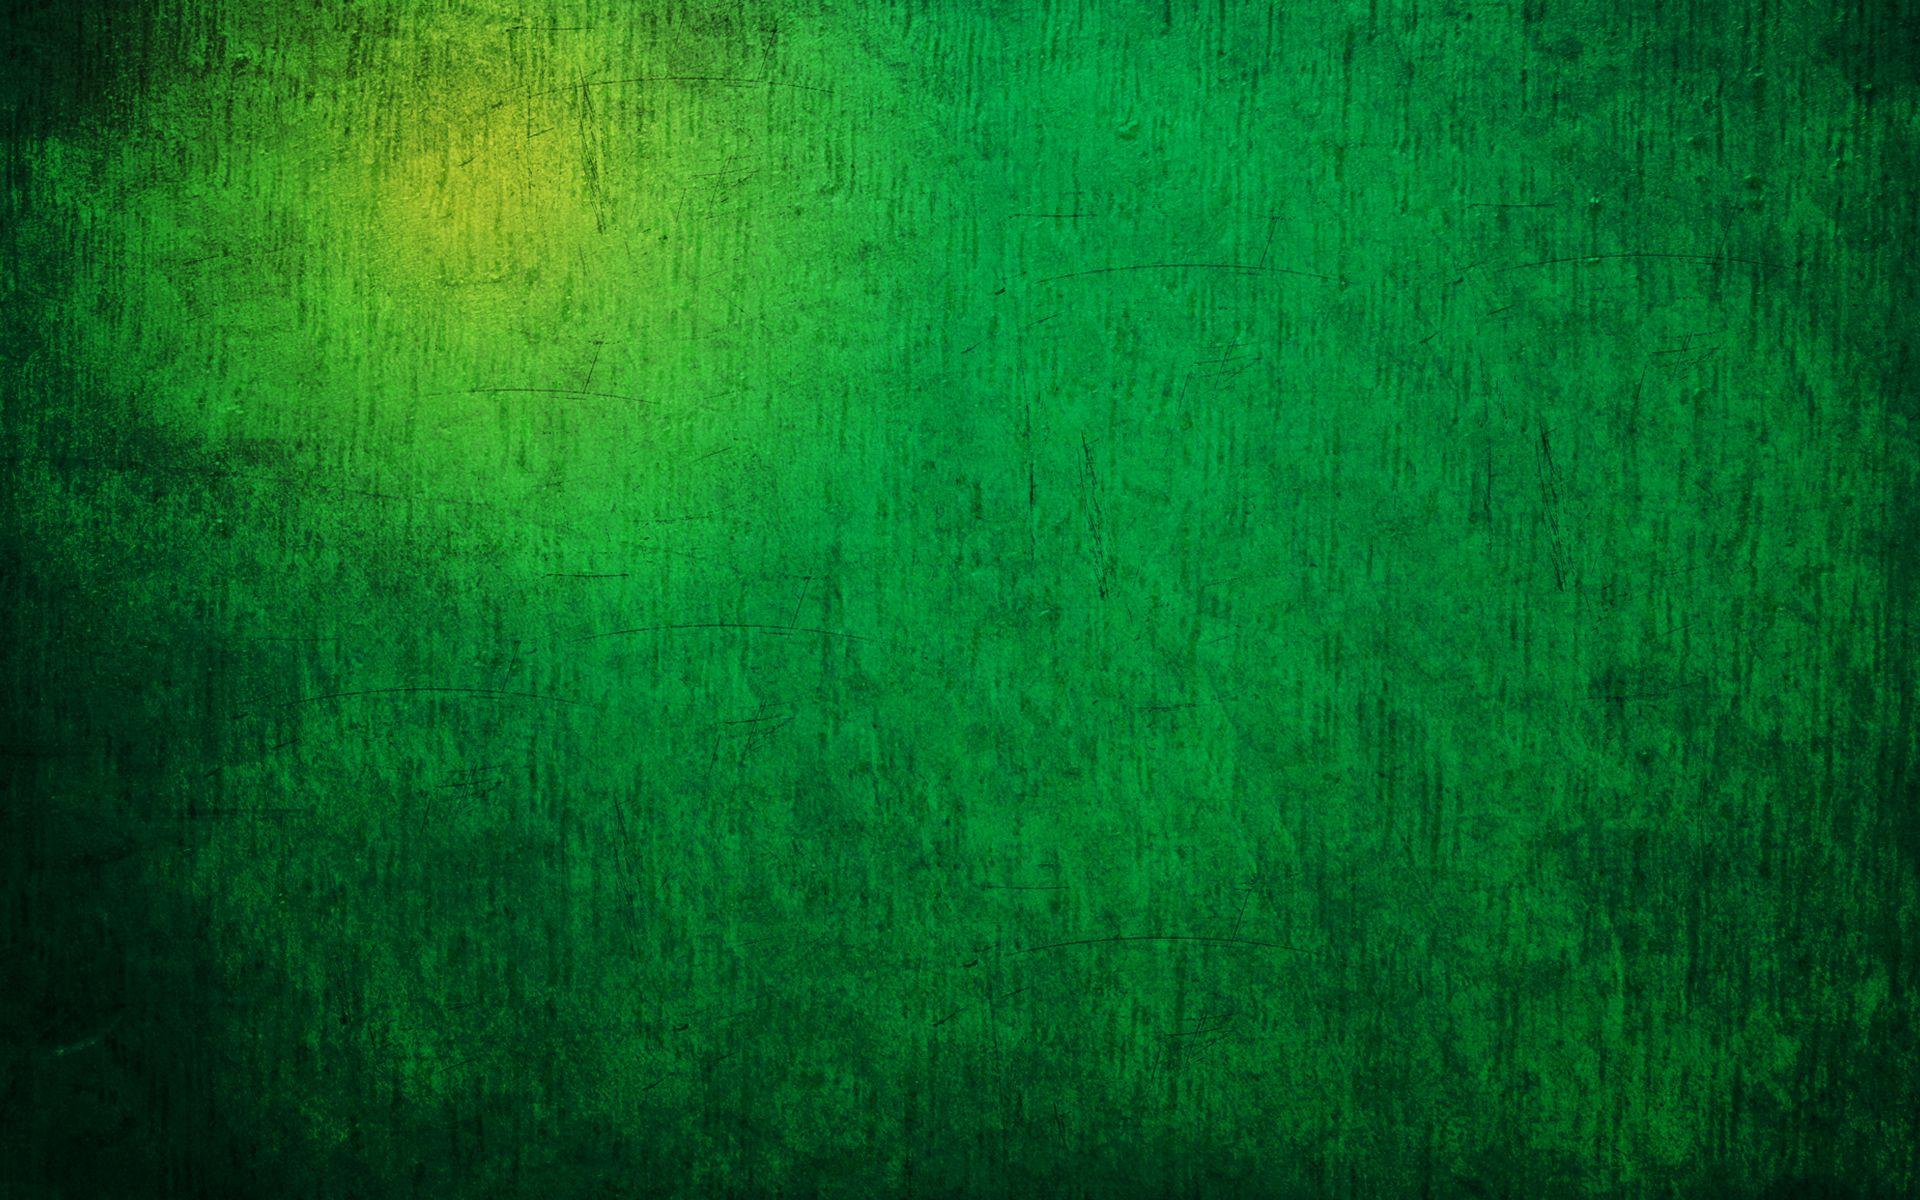 Green Background 21869 Dark Green Background Green Backgrounds Green Wallpaper